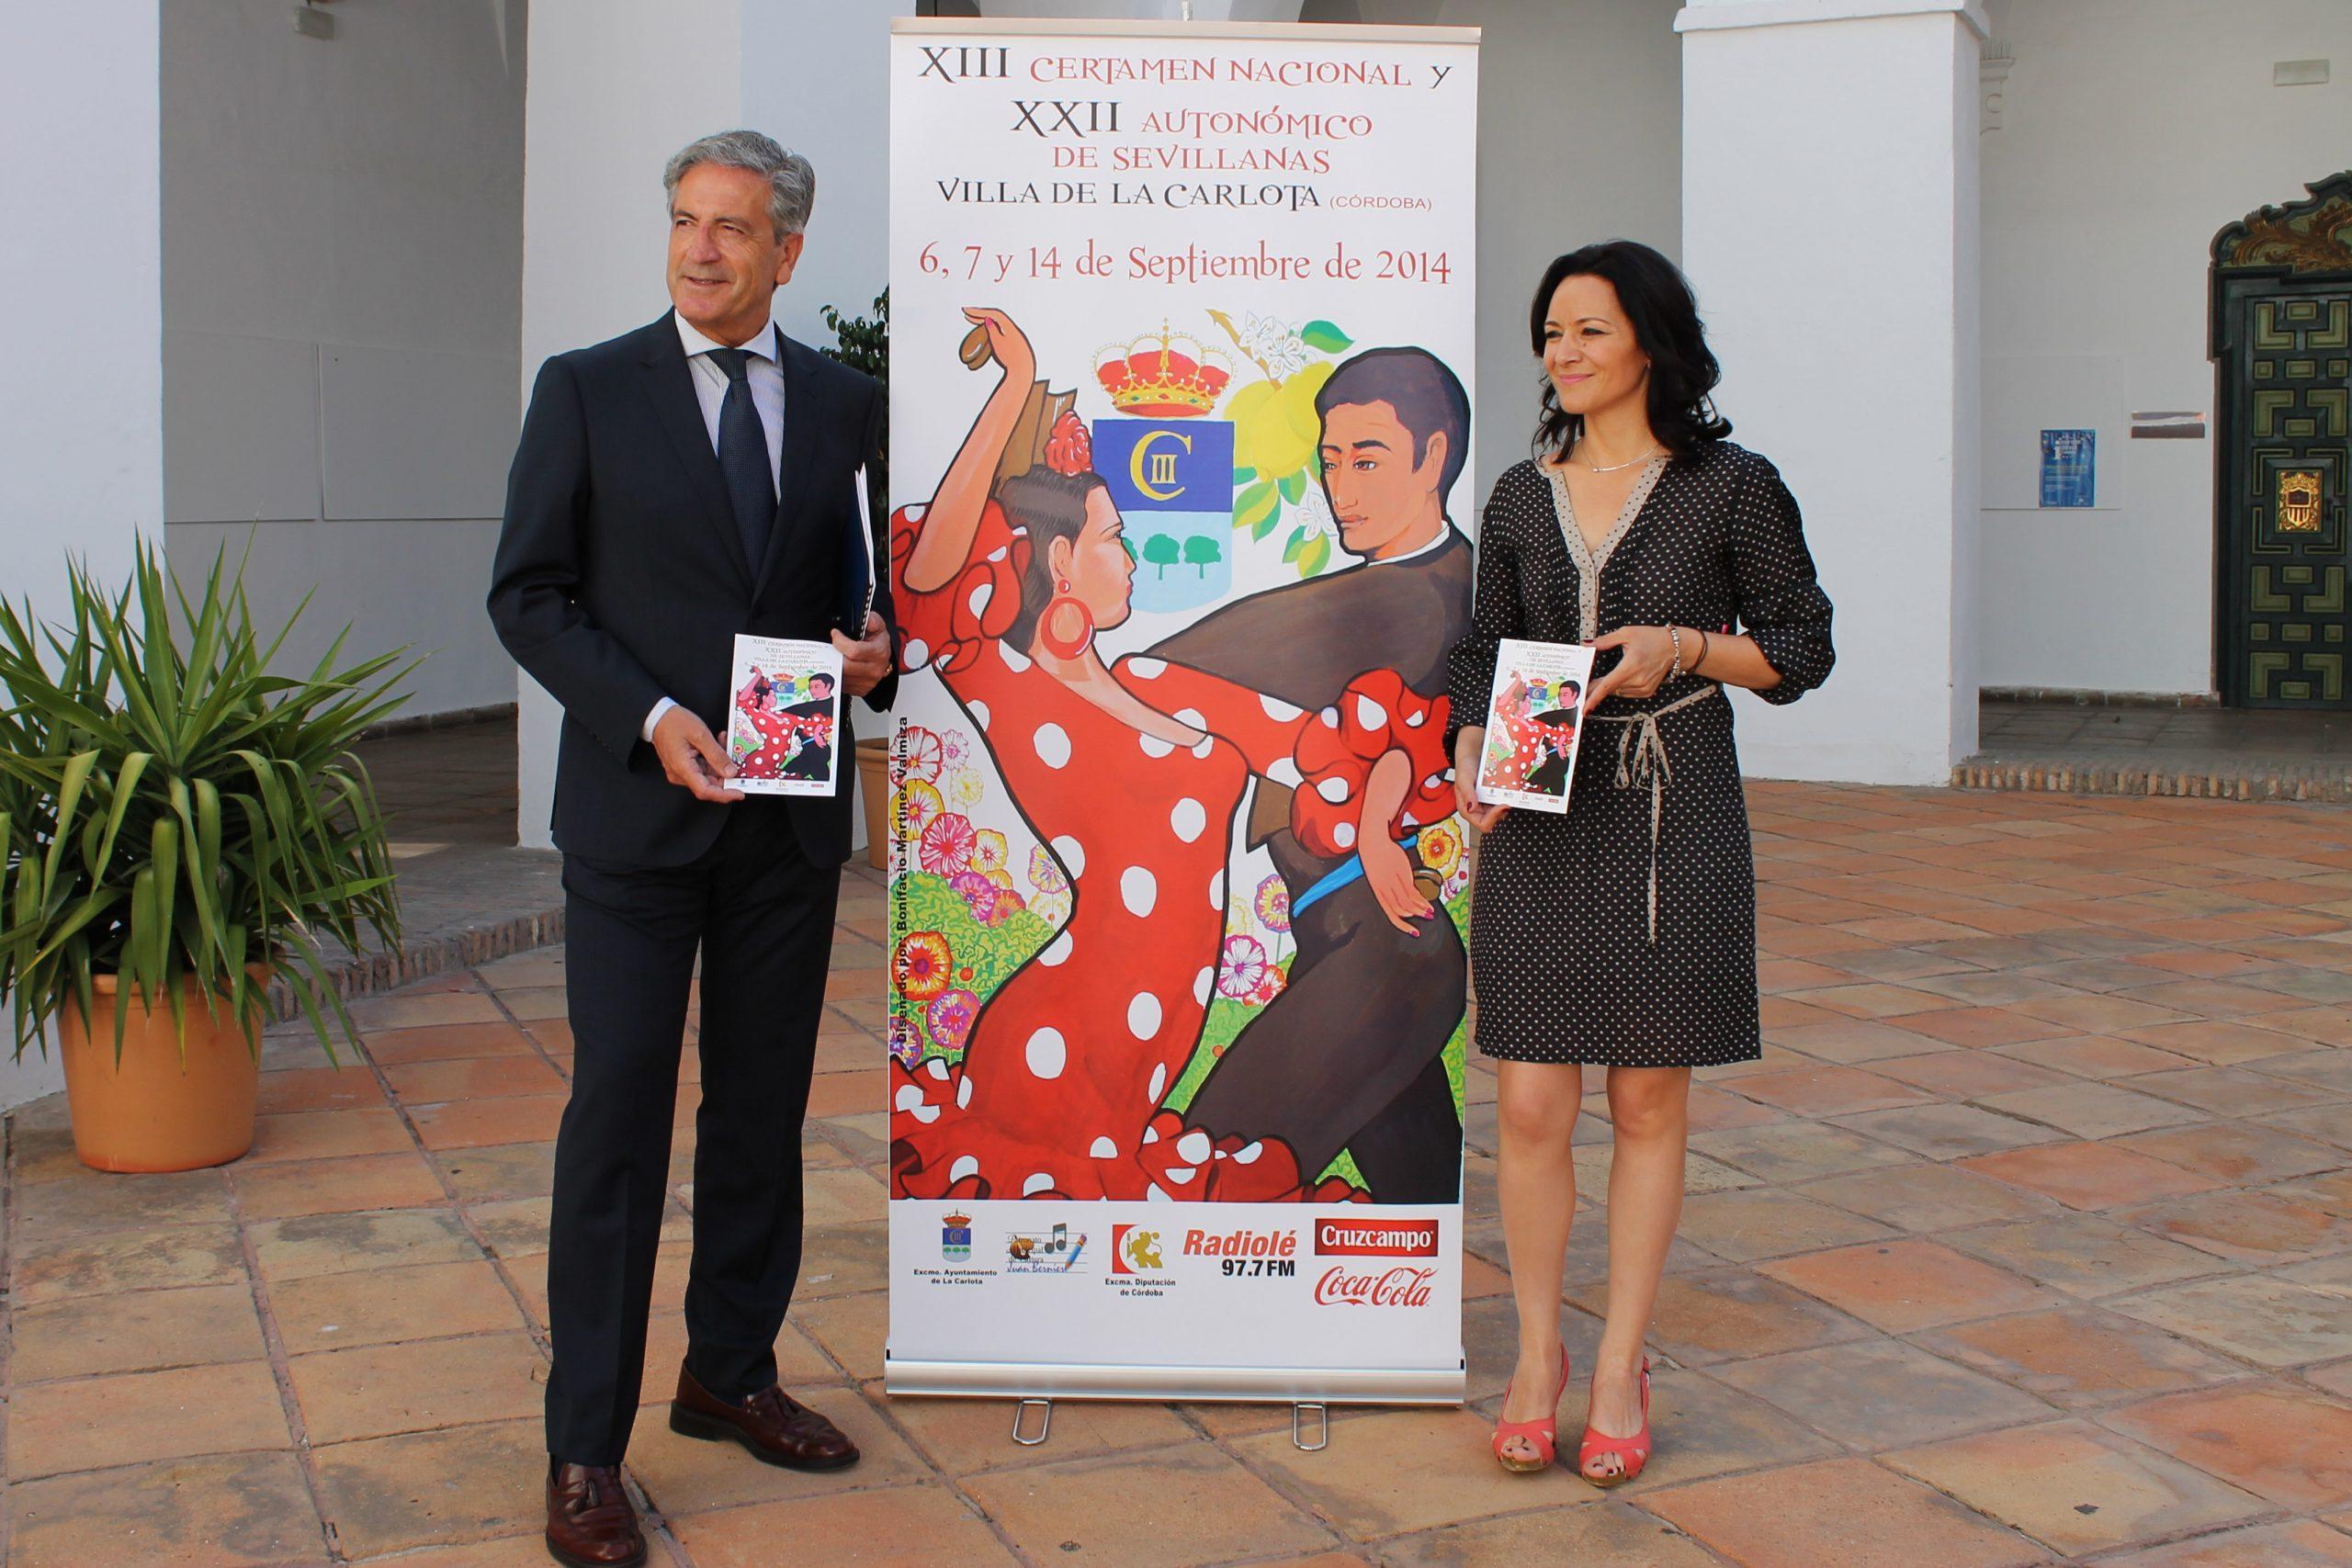 La Carlota recupera su Certamen Nacional y Autonómico de Sevillanas  1